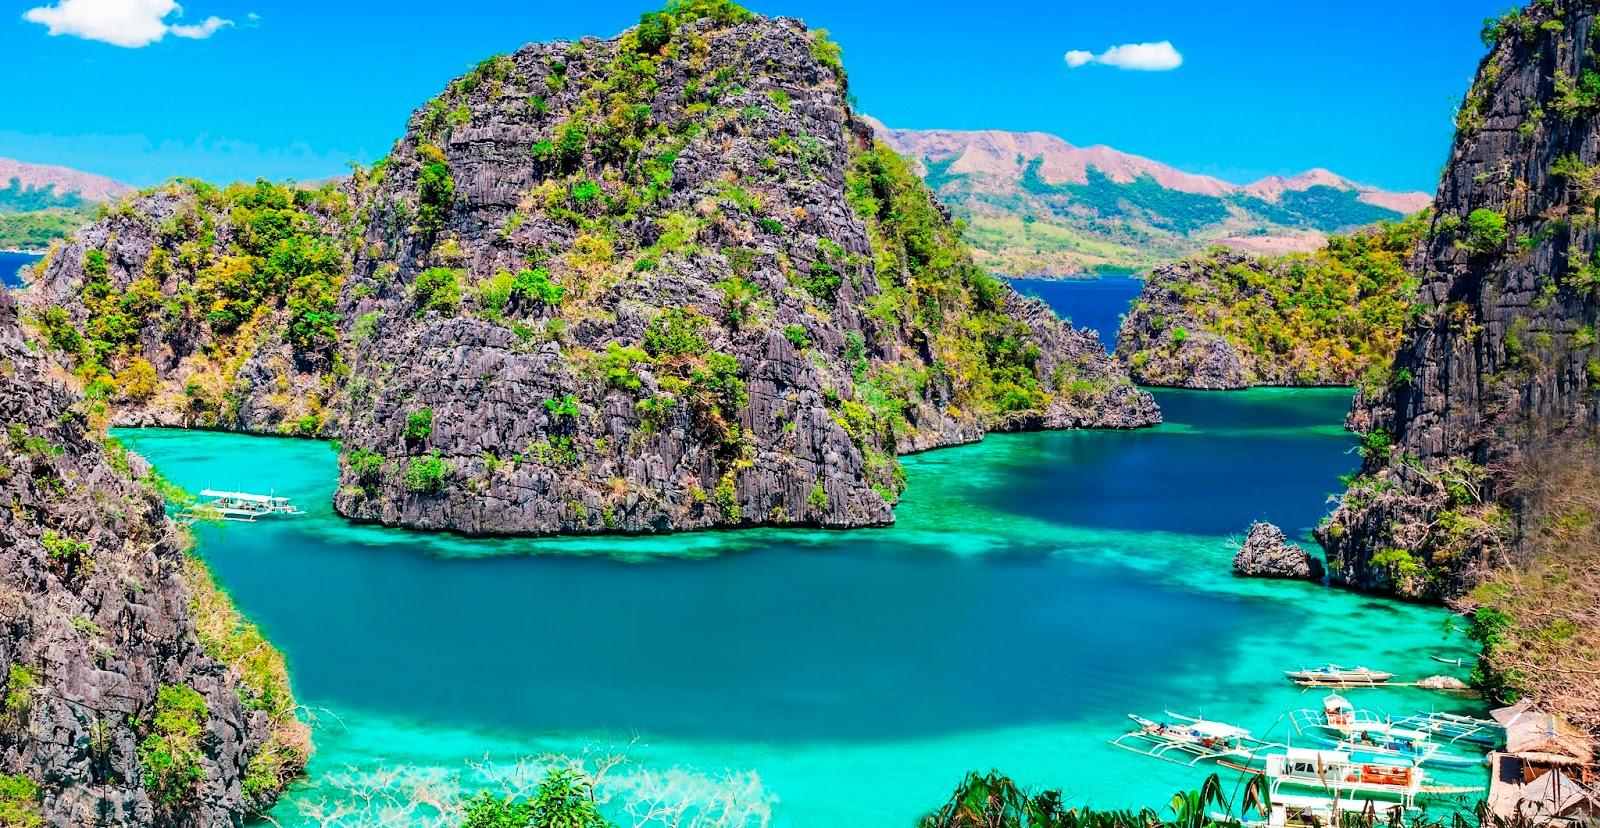 El Nido Palawan paradise